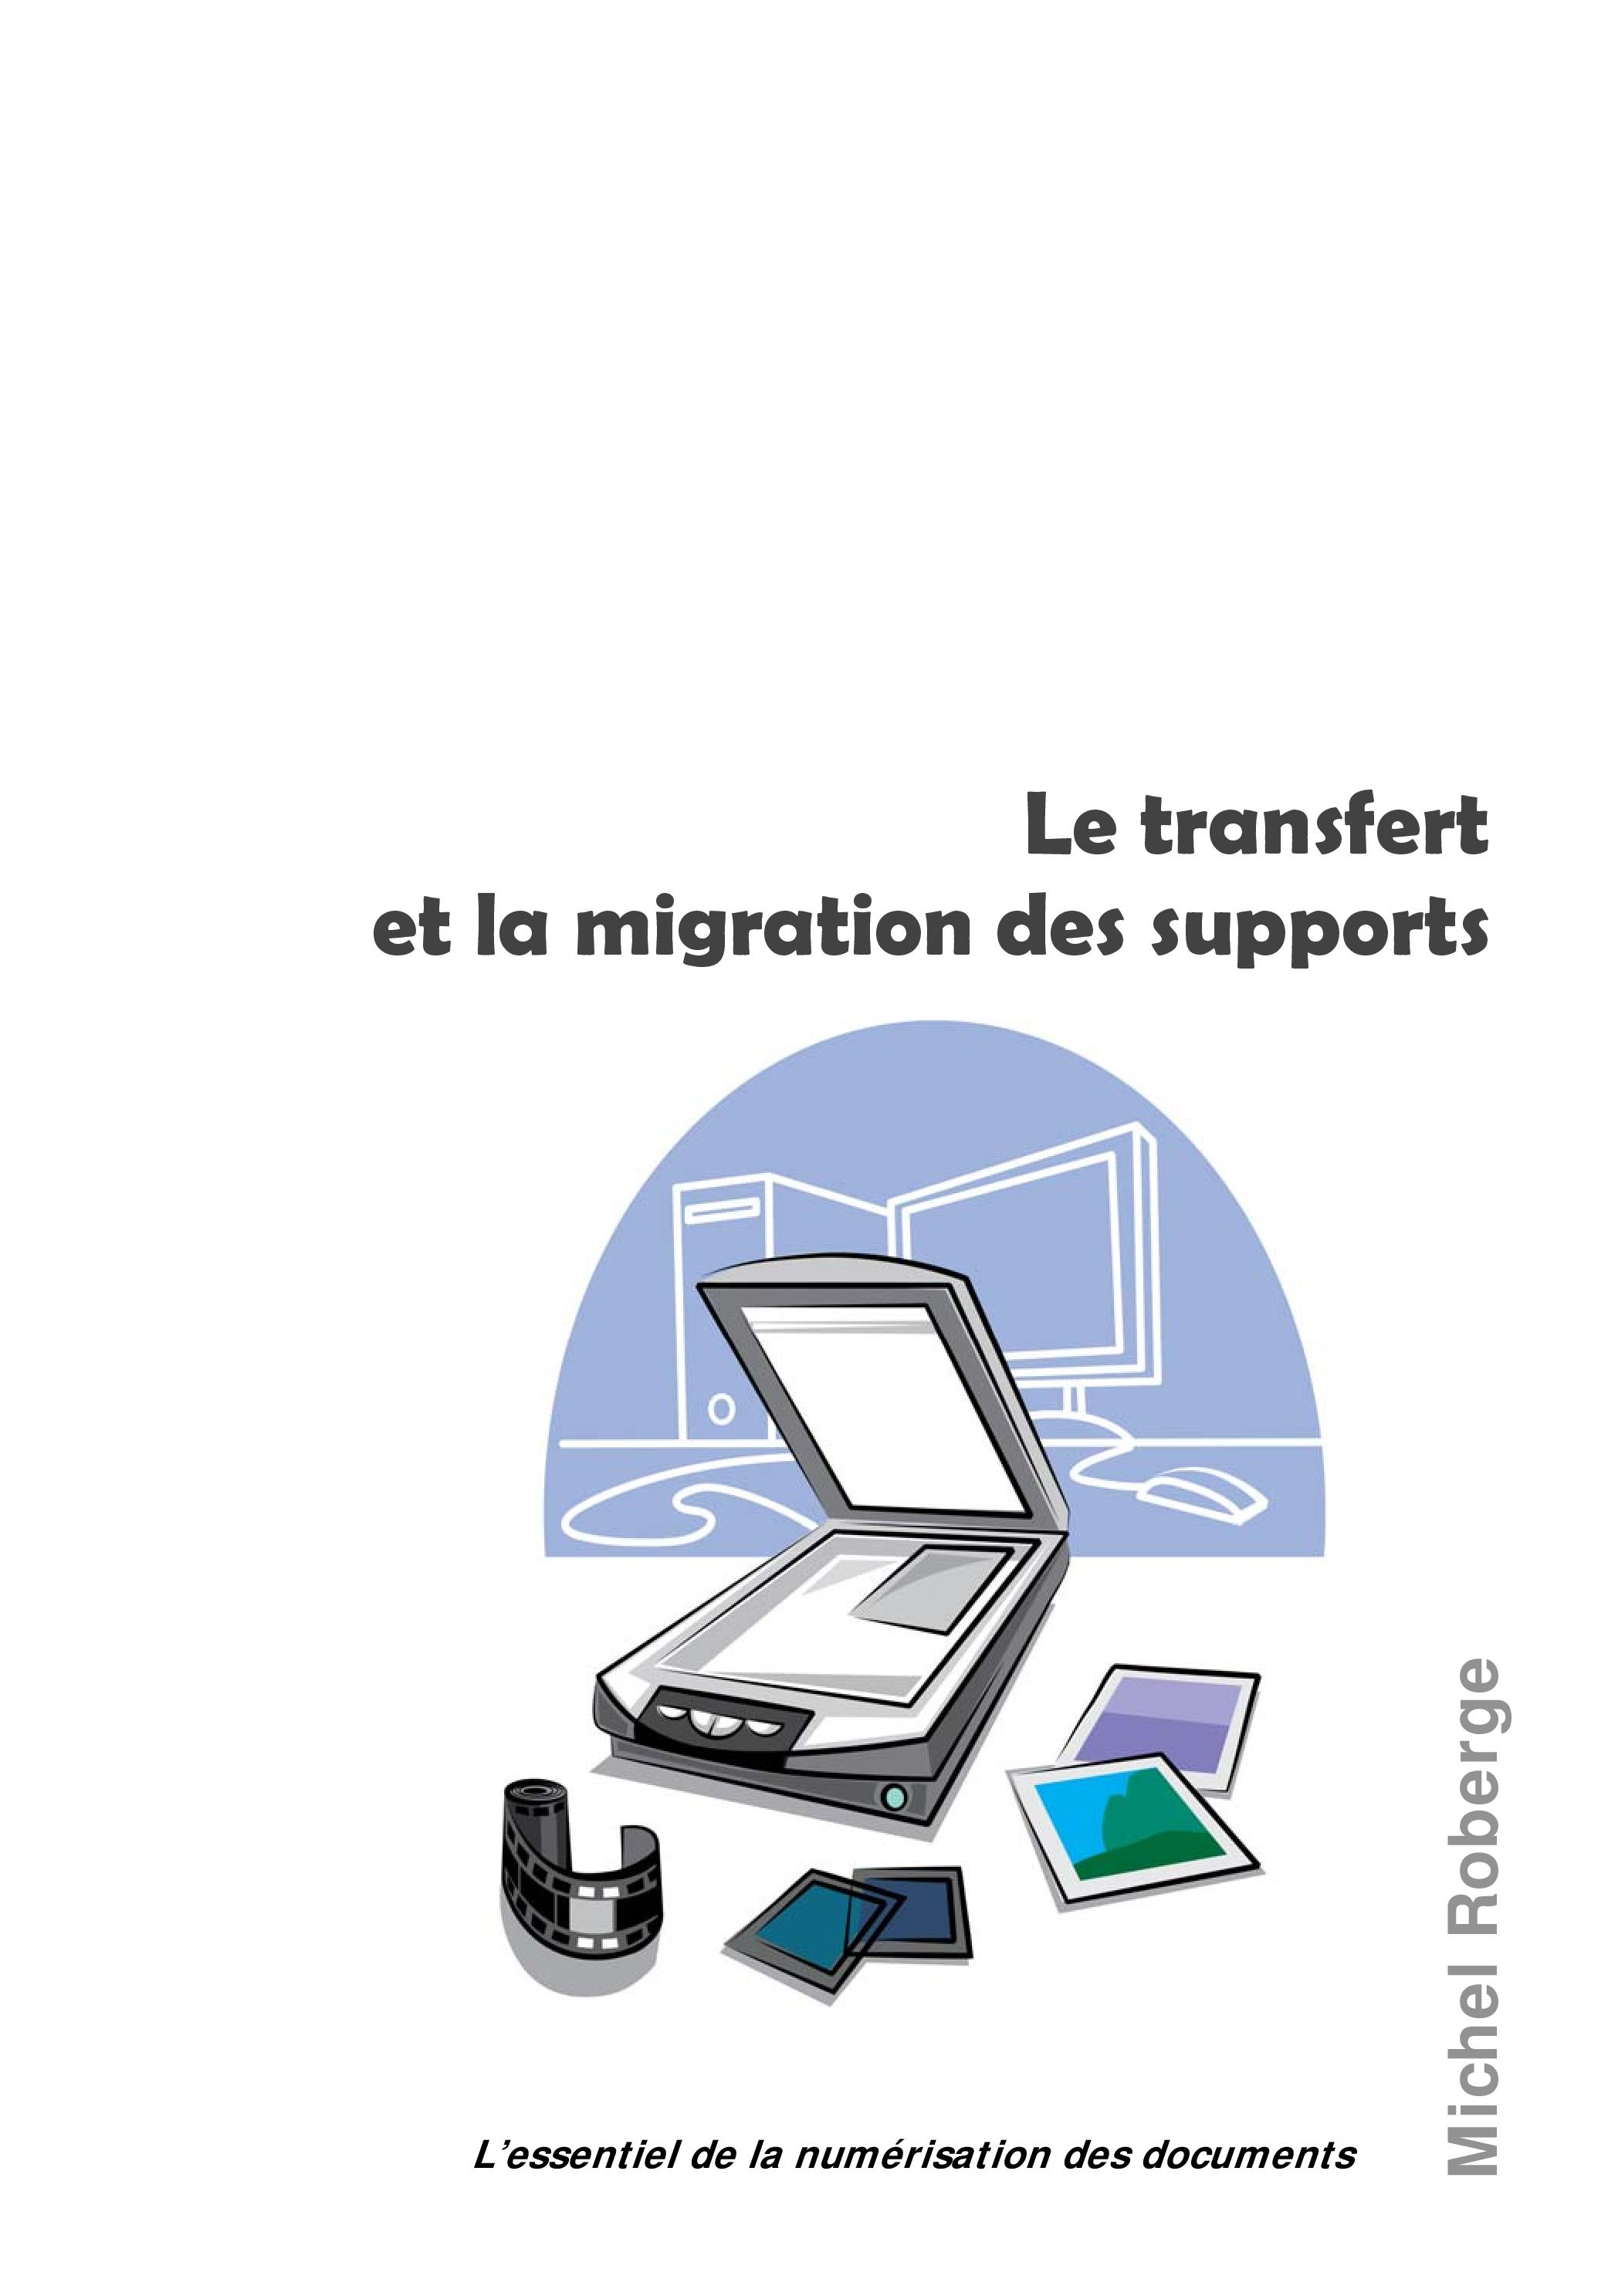 Le transfert et la migration des supports